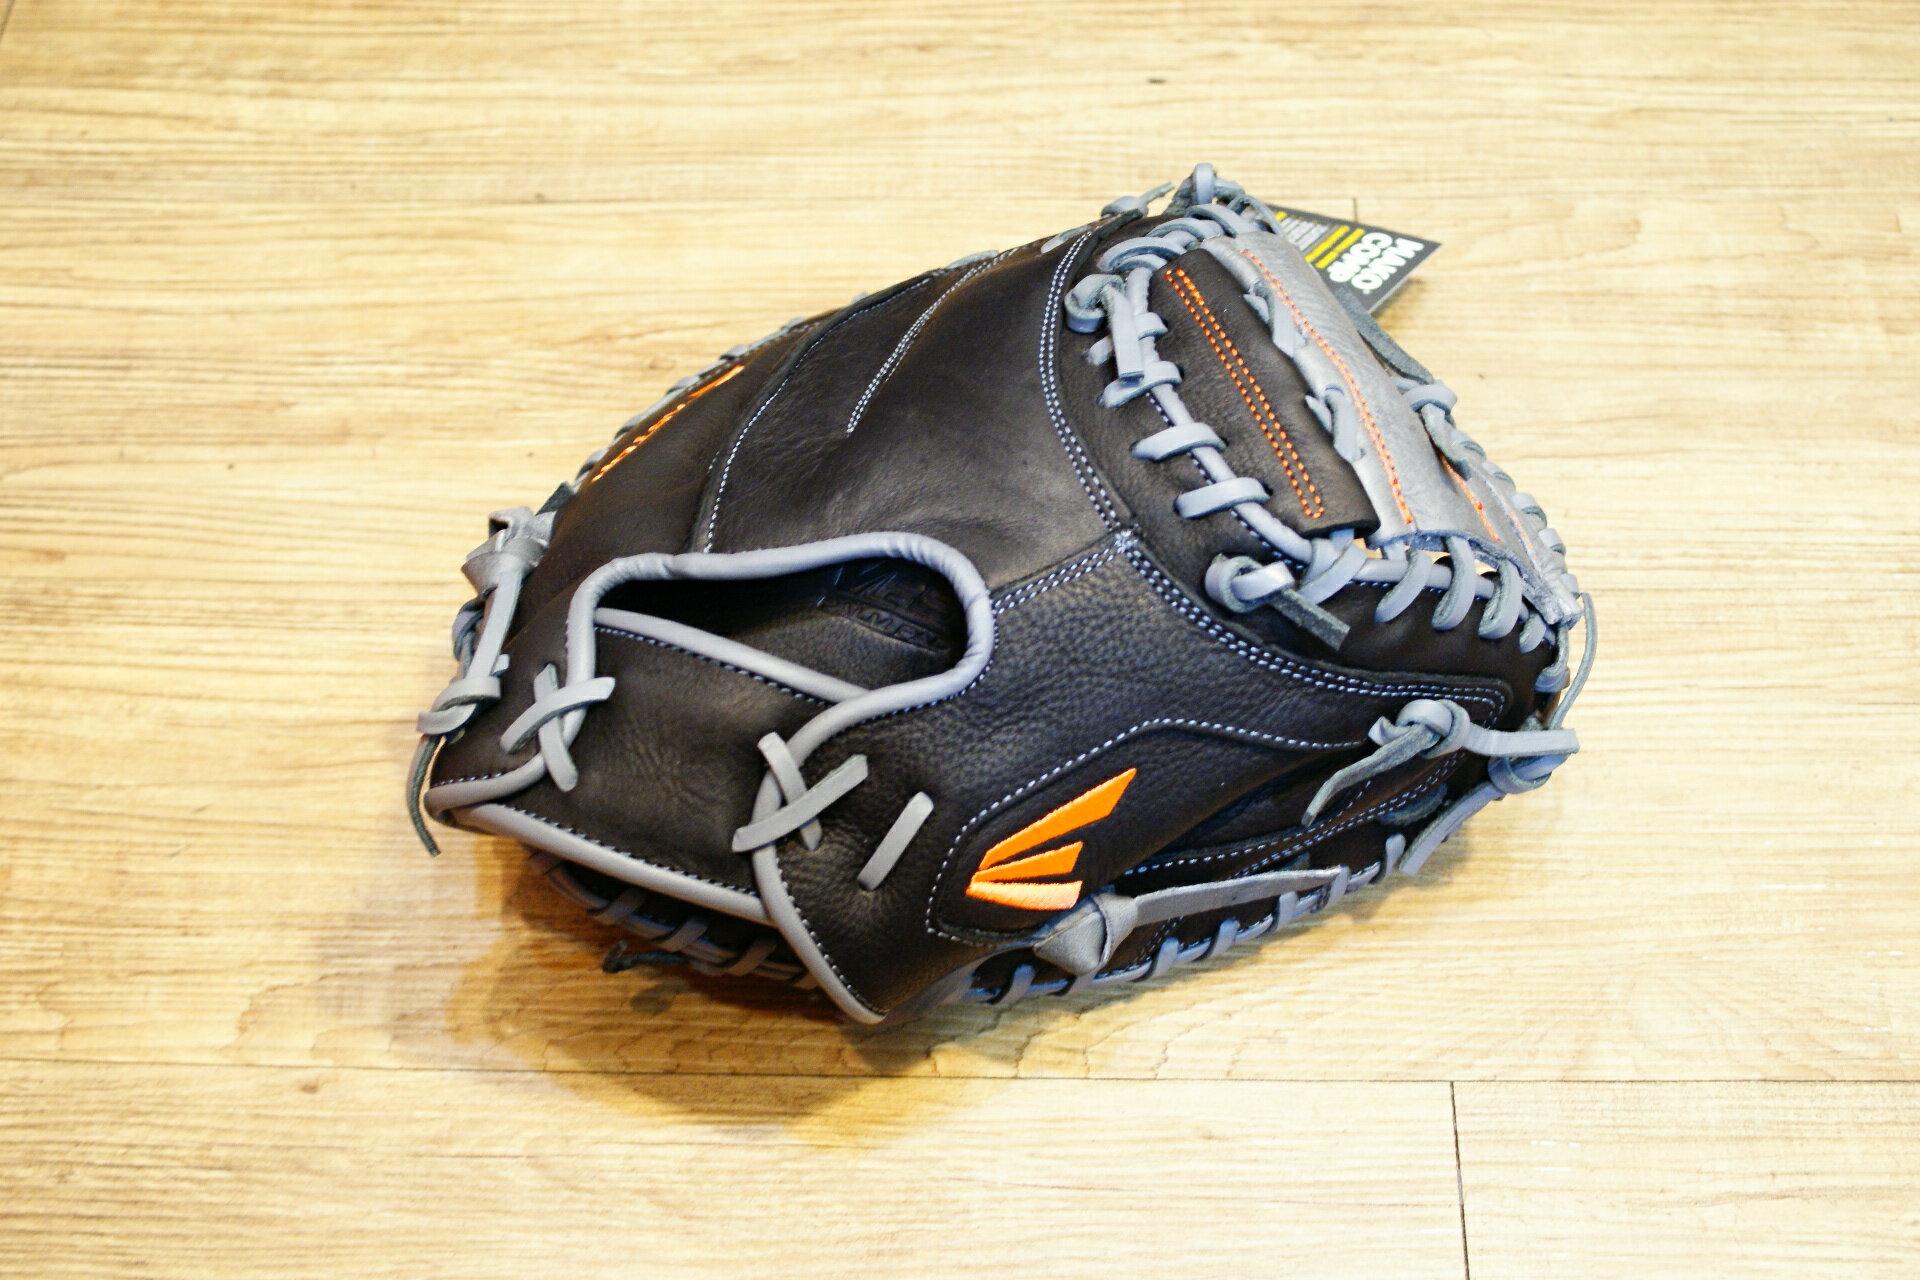 棒球世界 全新16年EASTON 美國進口牛皮補手用手套 特價 黑灰配色